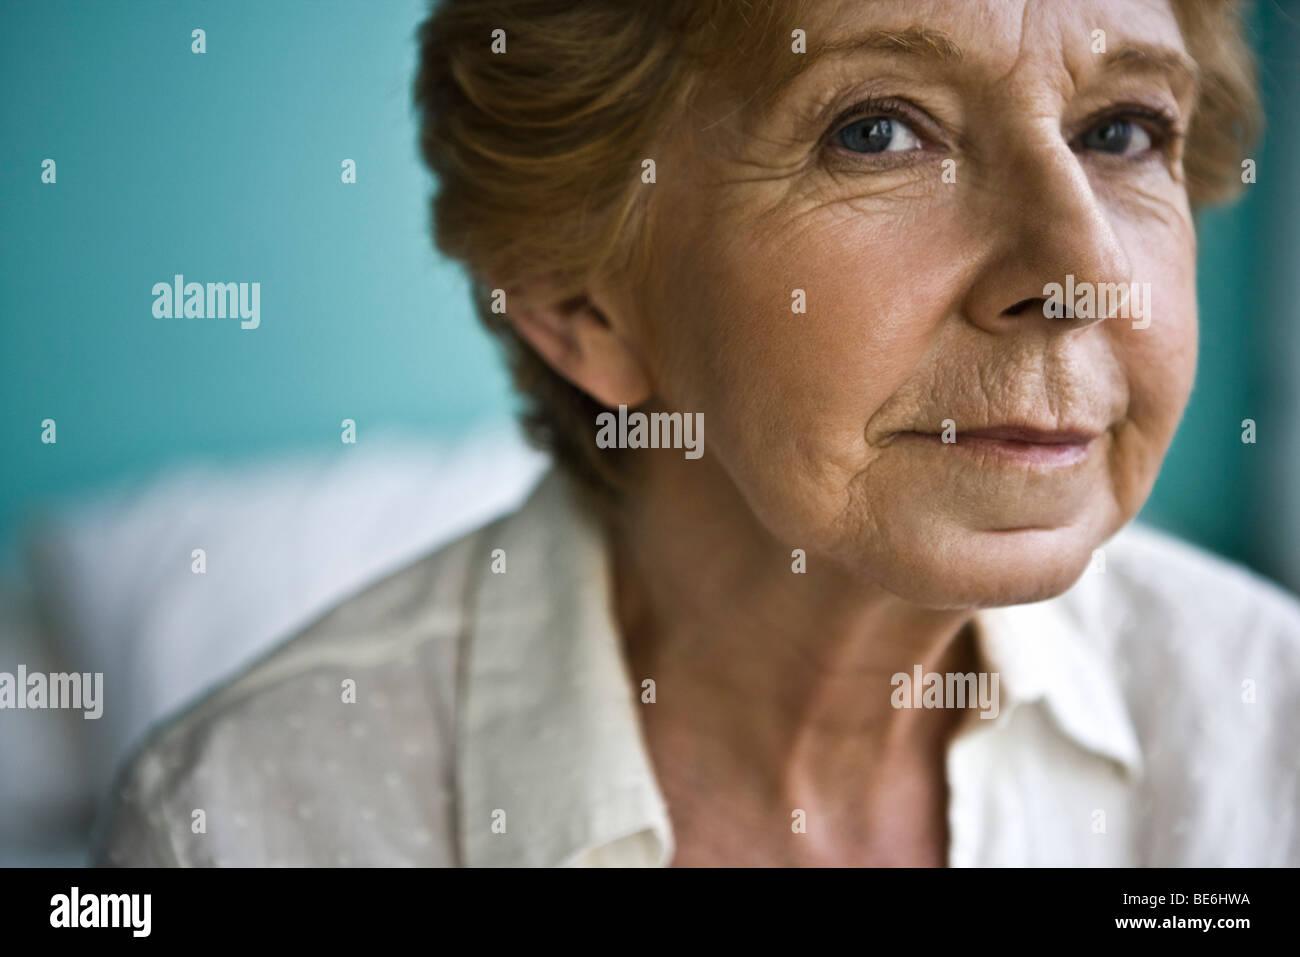 Mujer de más edad, más cerca Imagen De Stock